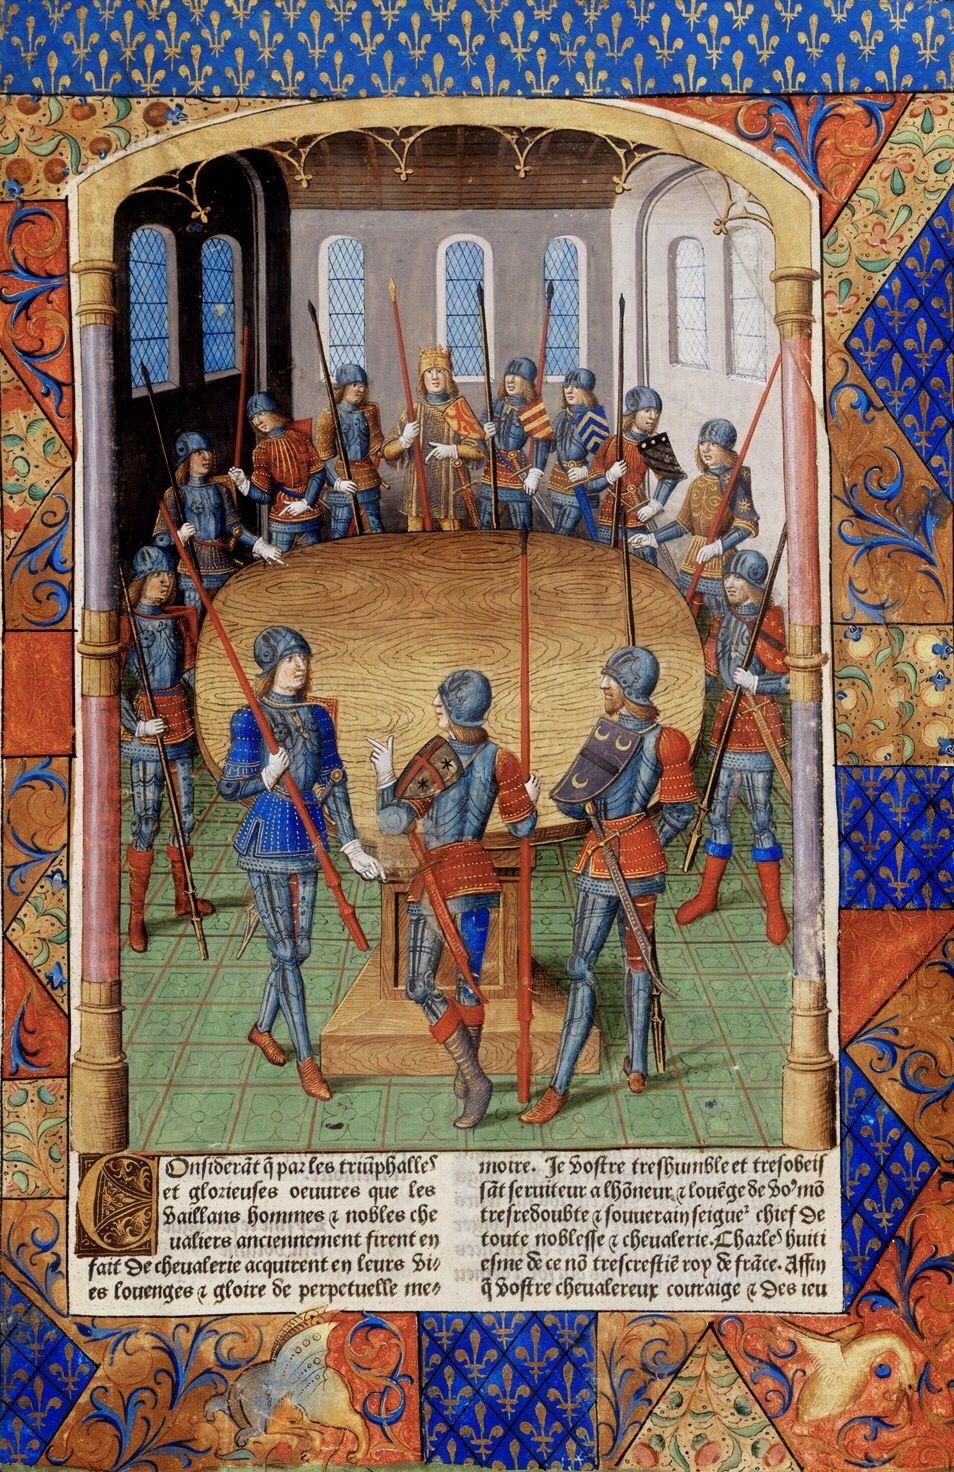 Le roi arthur et les chevaliers de la table ronde - Lancelot chevalier de la table ronde ...